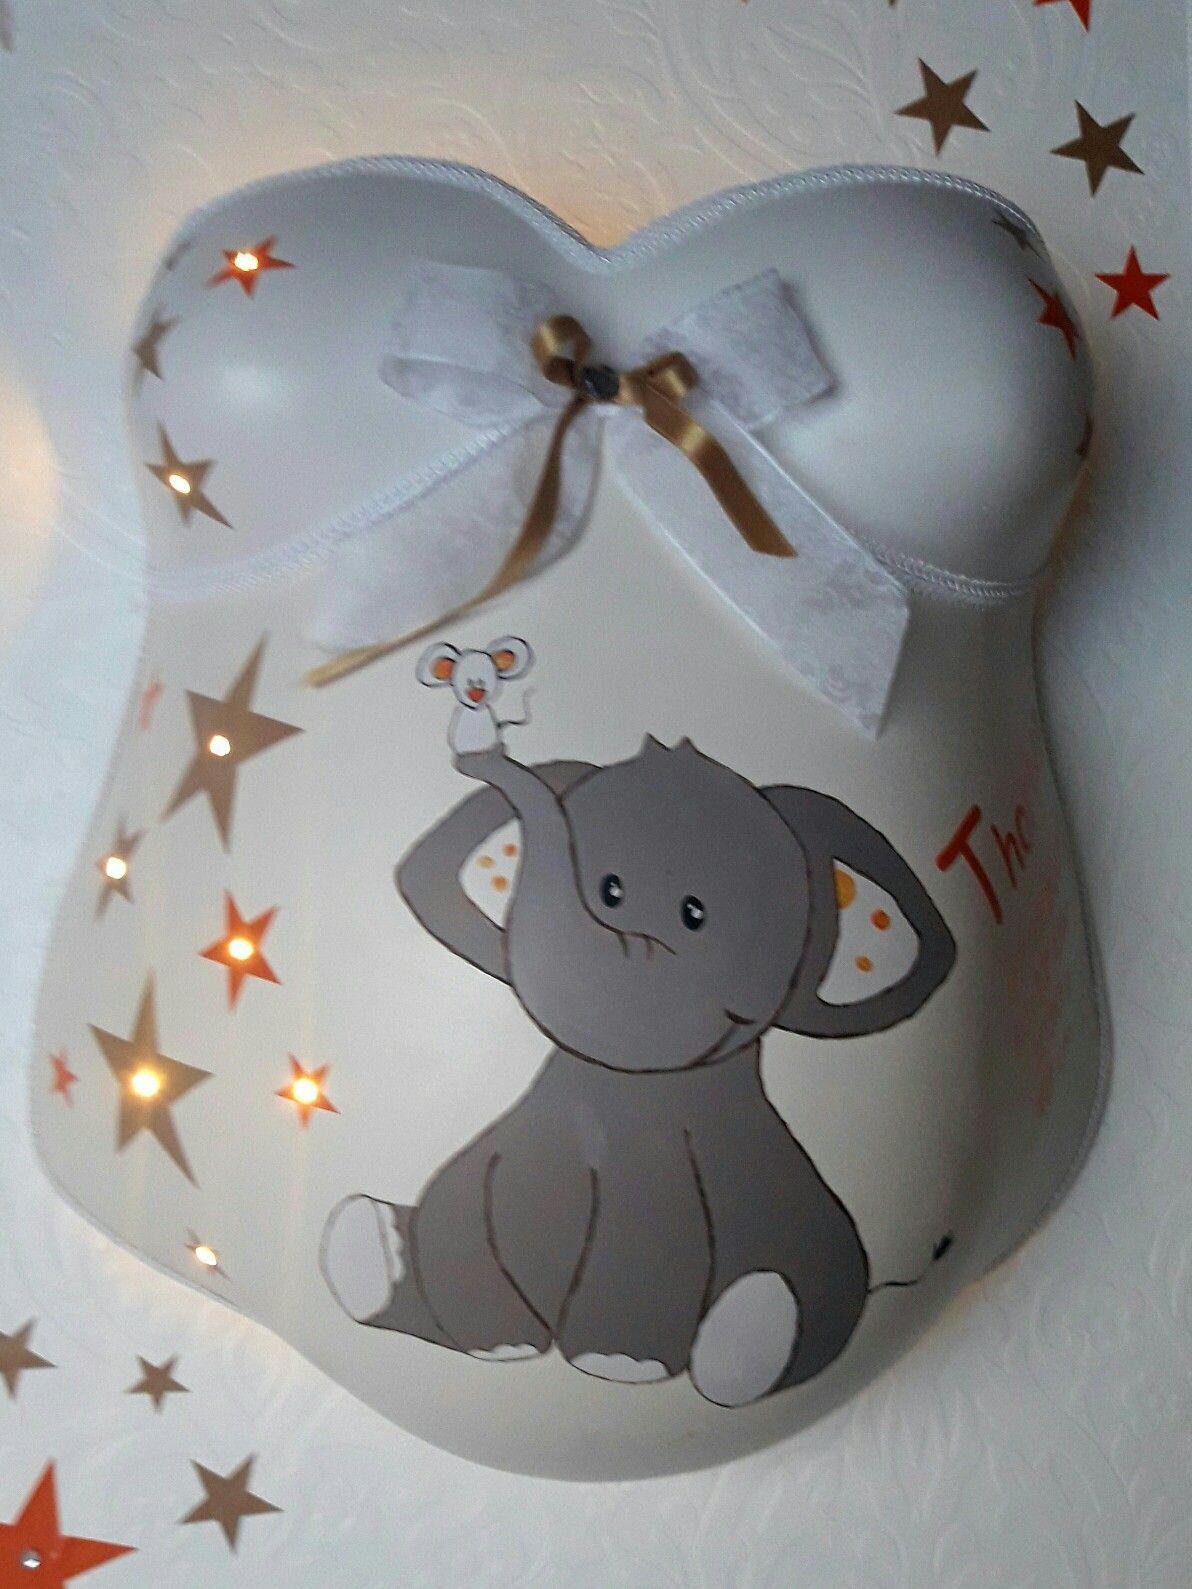 Babybauch Skulptur Annett Babybauchabdruck Babybauch Gipsabdruck Babybauchabdruck Gipsbauch